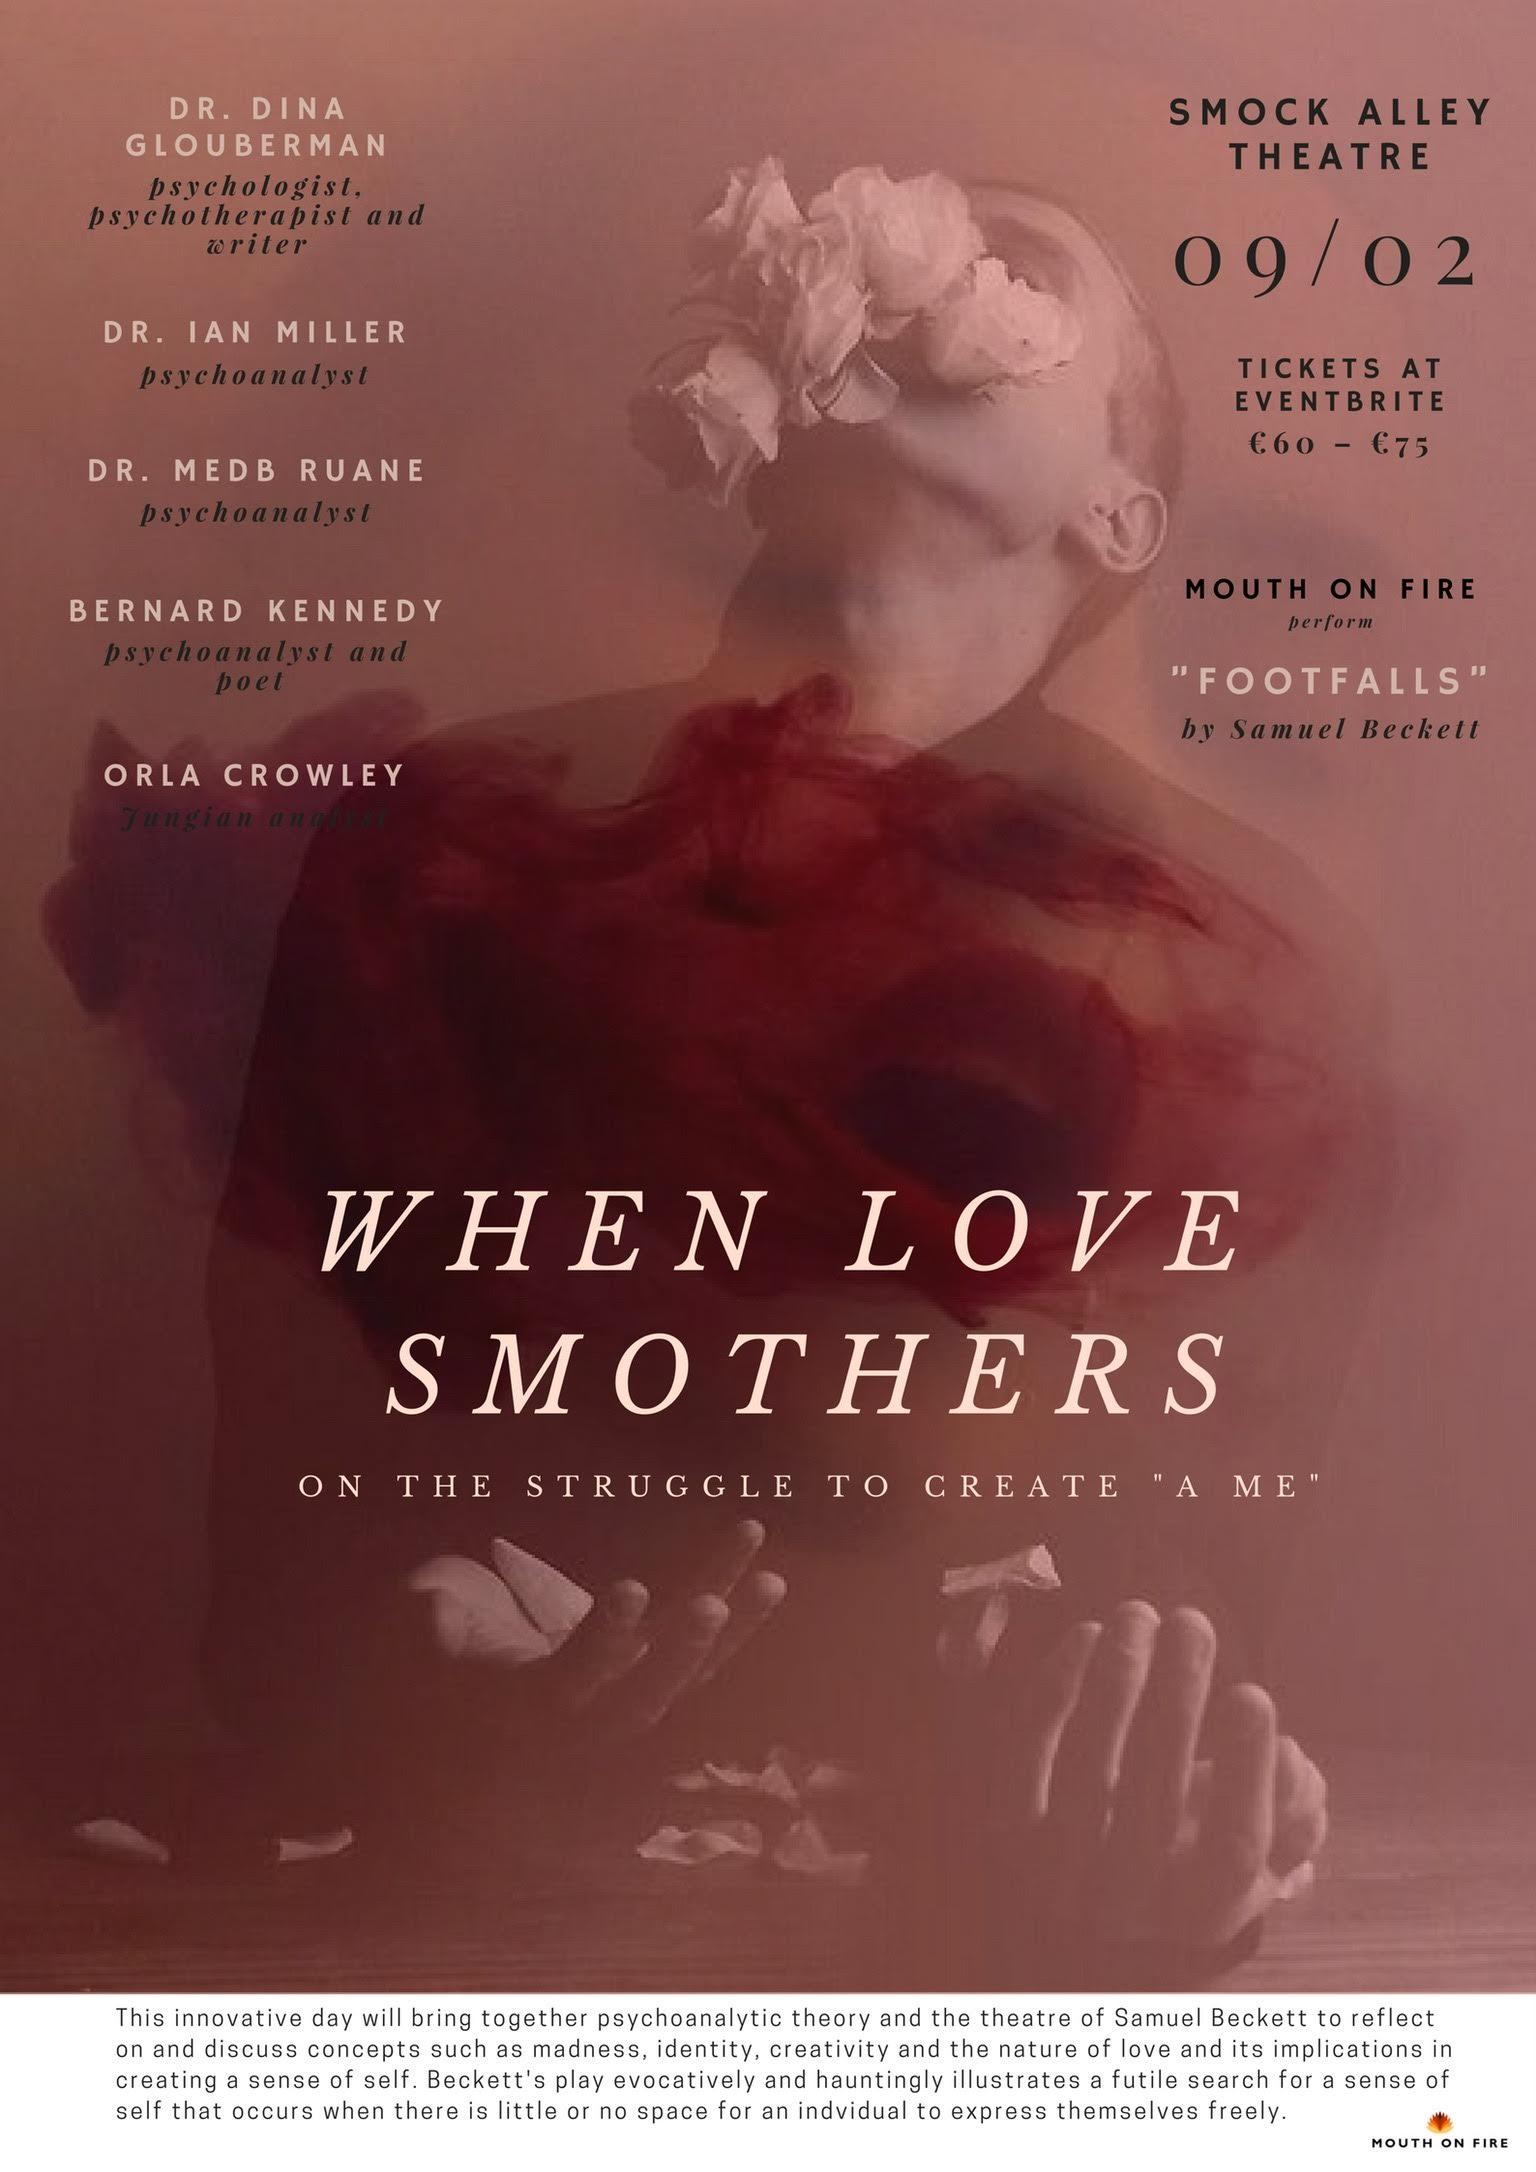 """Jornada en Dublin – « Cuando el amor ahoga: sobre la lucha por crear 'un yo'  » (When Love Smothers : on the struggle to create """"A Me"""") – 9 febrero 2018"""